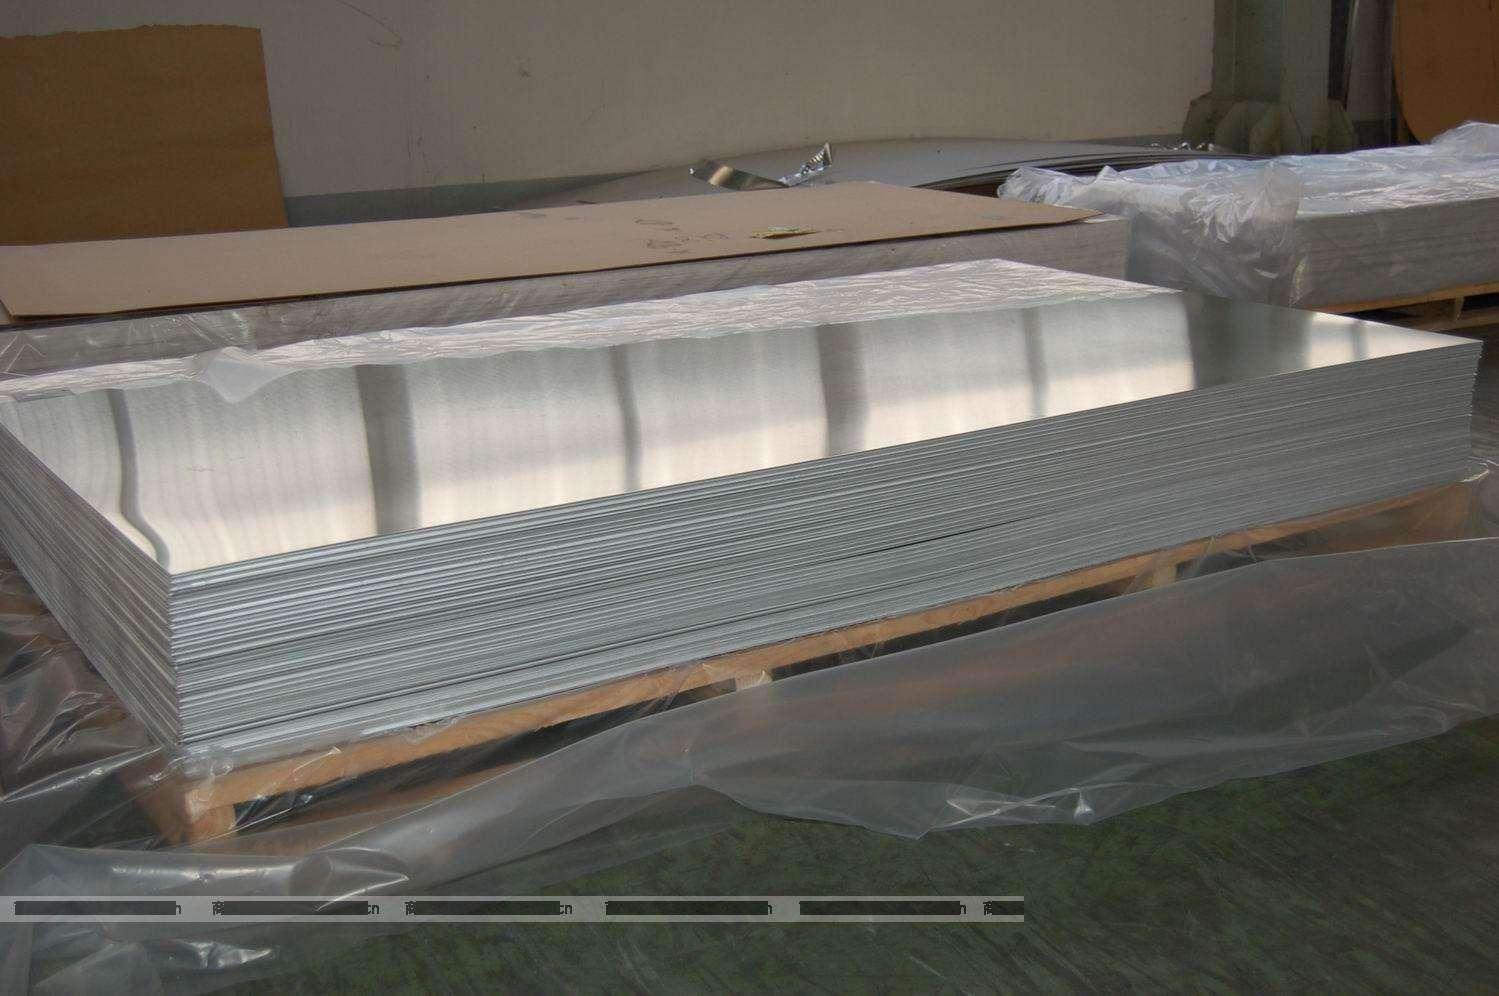 医用铅板,铅板厂家,铅板加工,铅板供应商-山东东奥射线防护材料有限公司